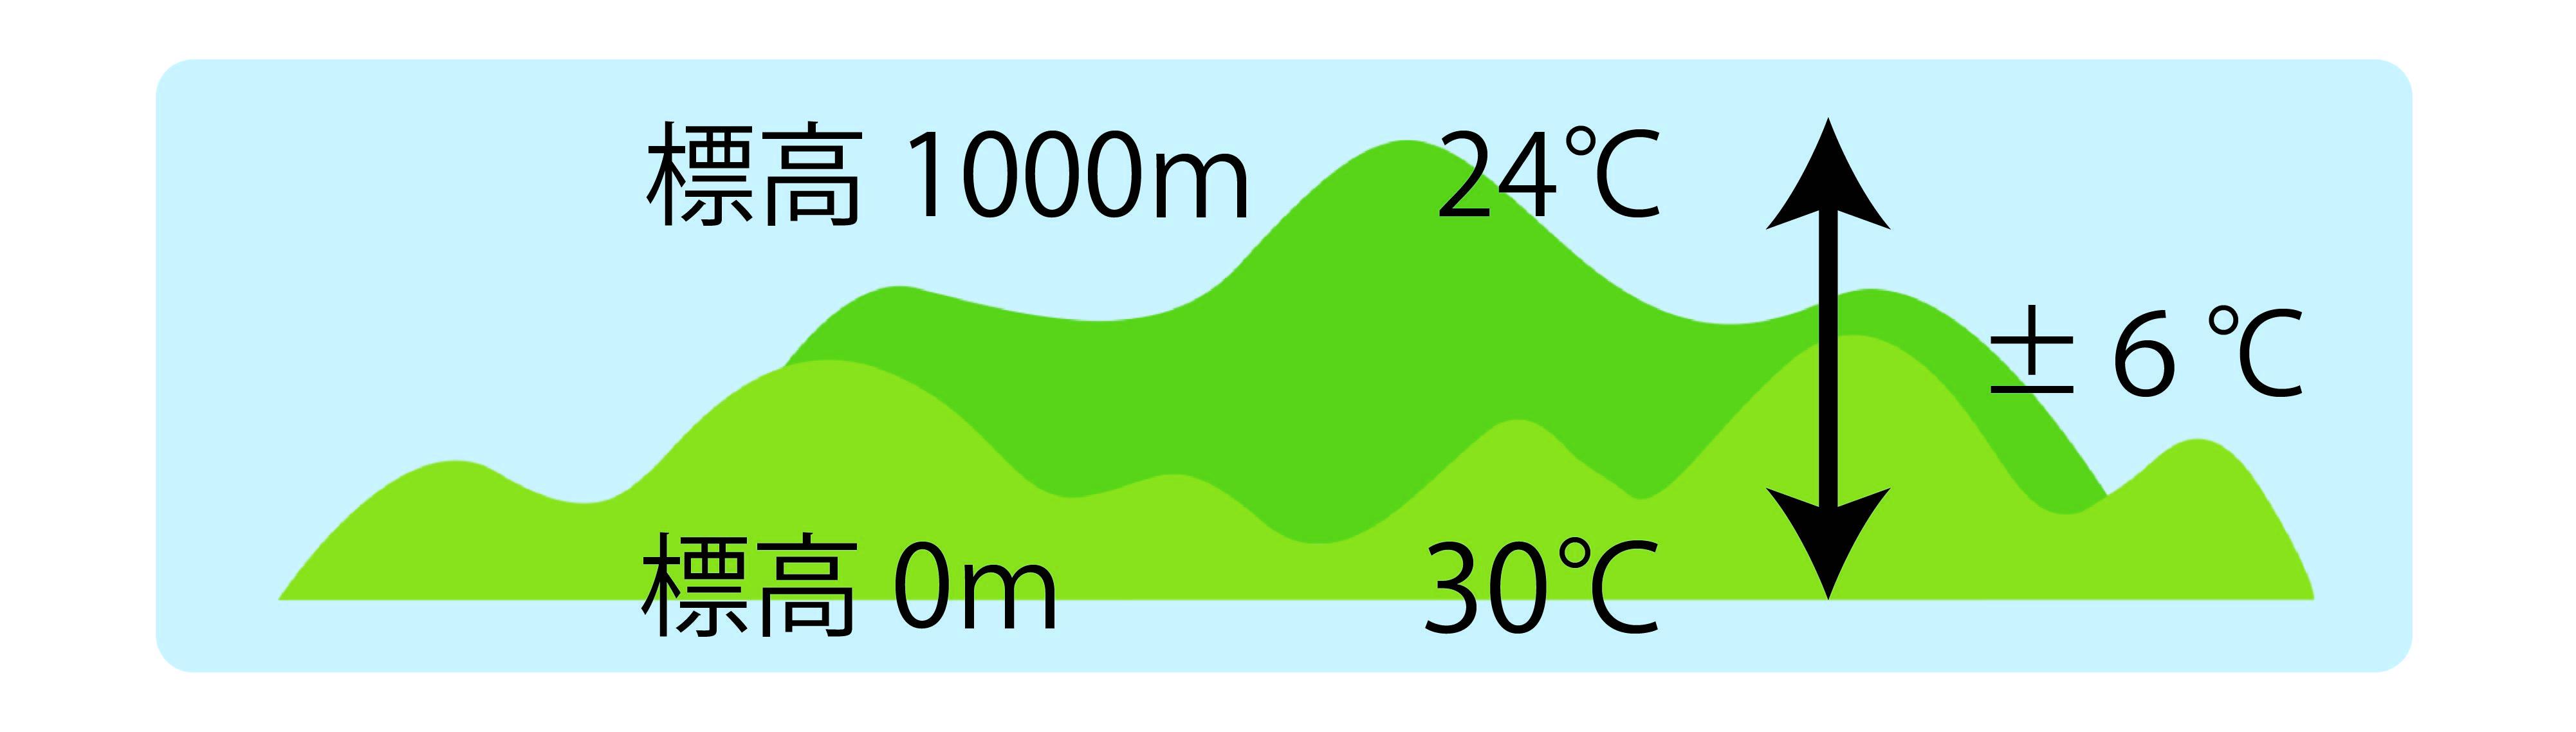 標高の差による気温の違いを図解したもの